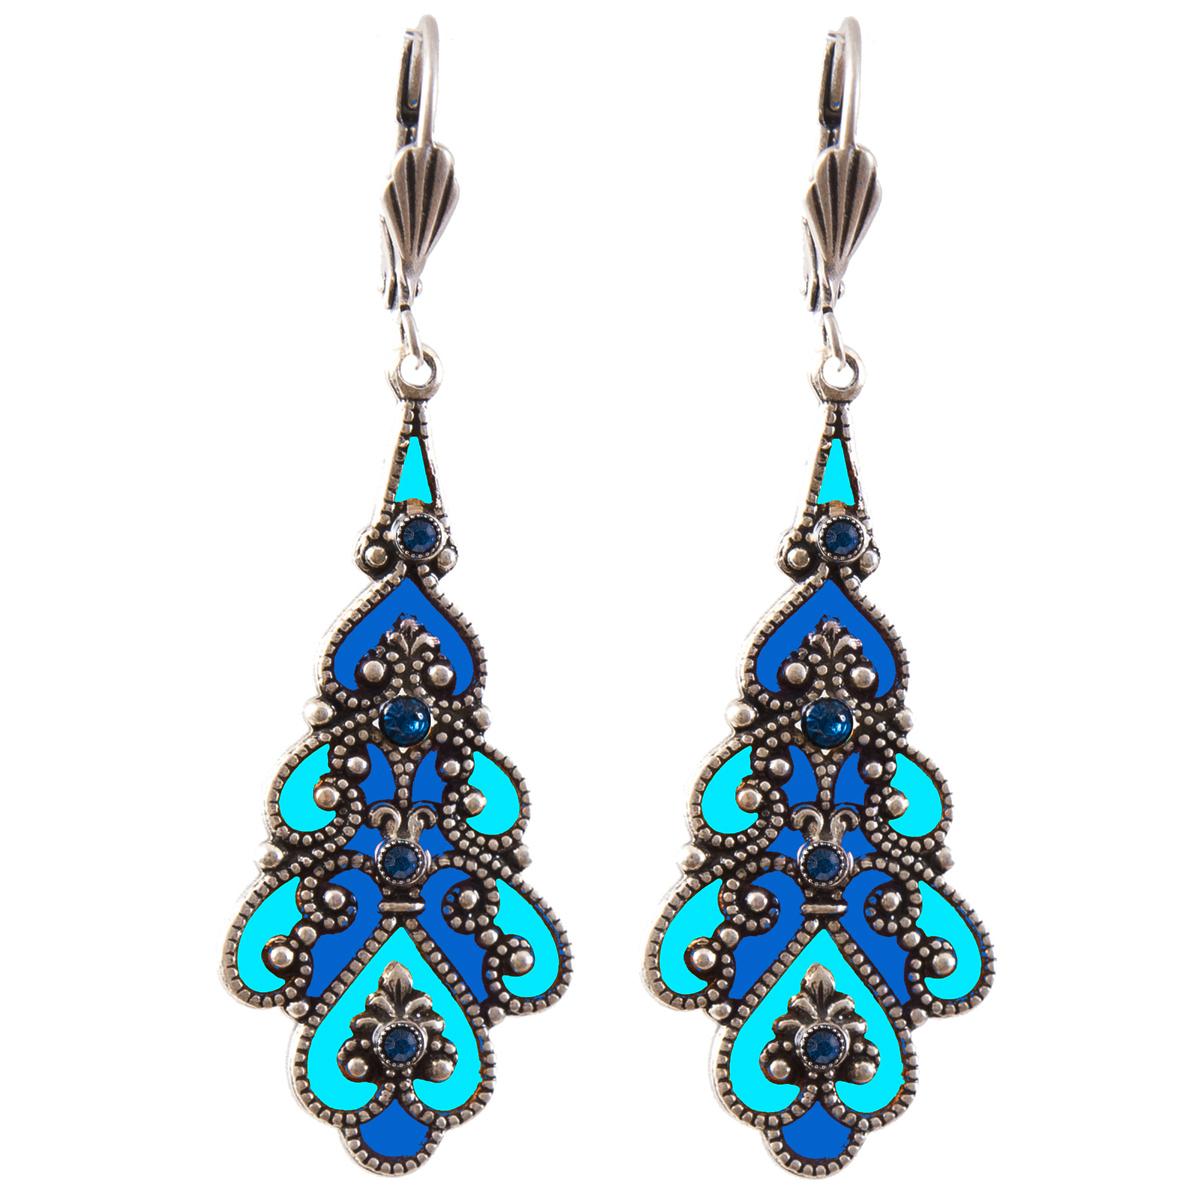 Boucles d\'oreilles artisanales \'Médicis\' bleu turquoise argenté - 38x17 mm - [R0743]